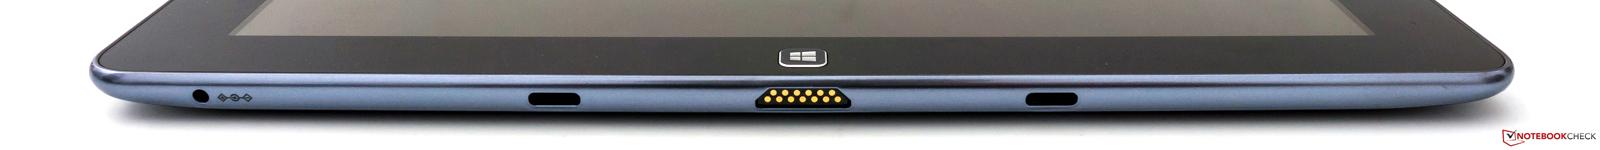 Samsung Ativ Tab P8510 - specser.com